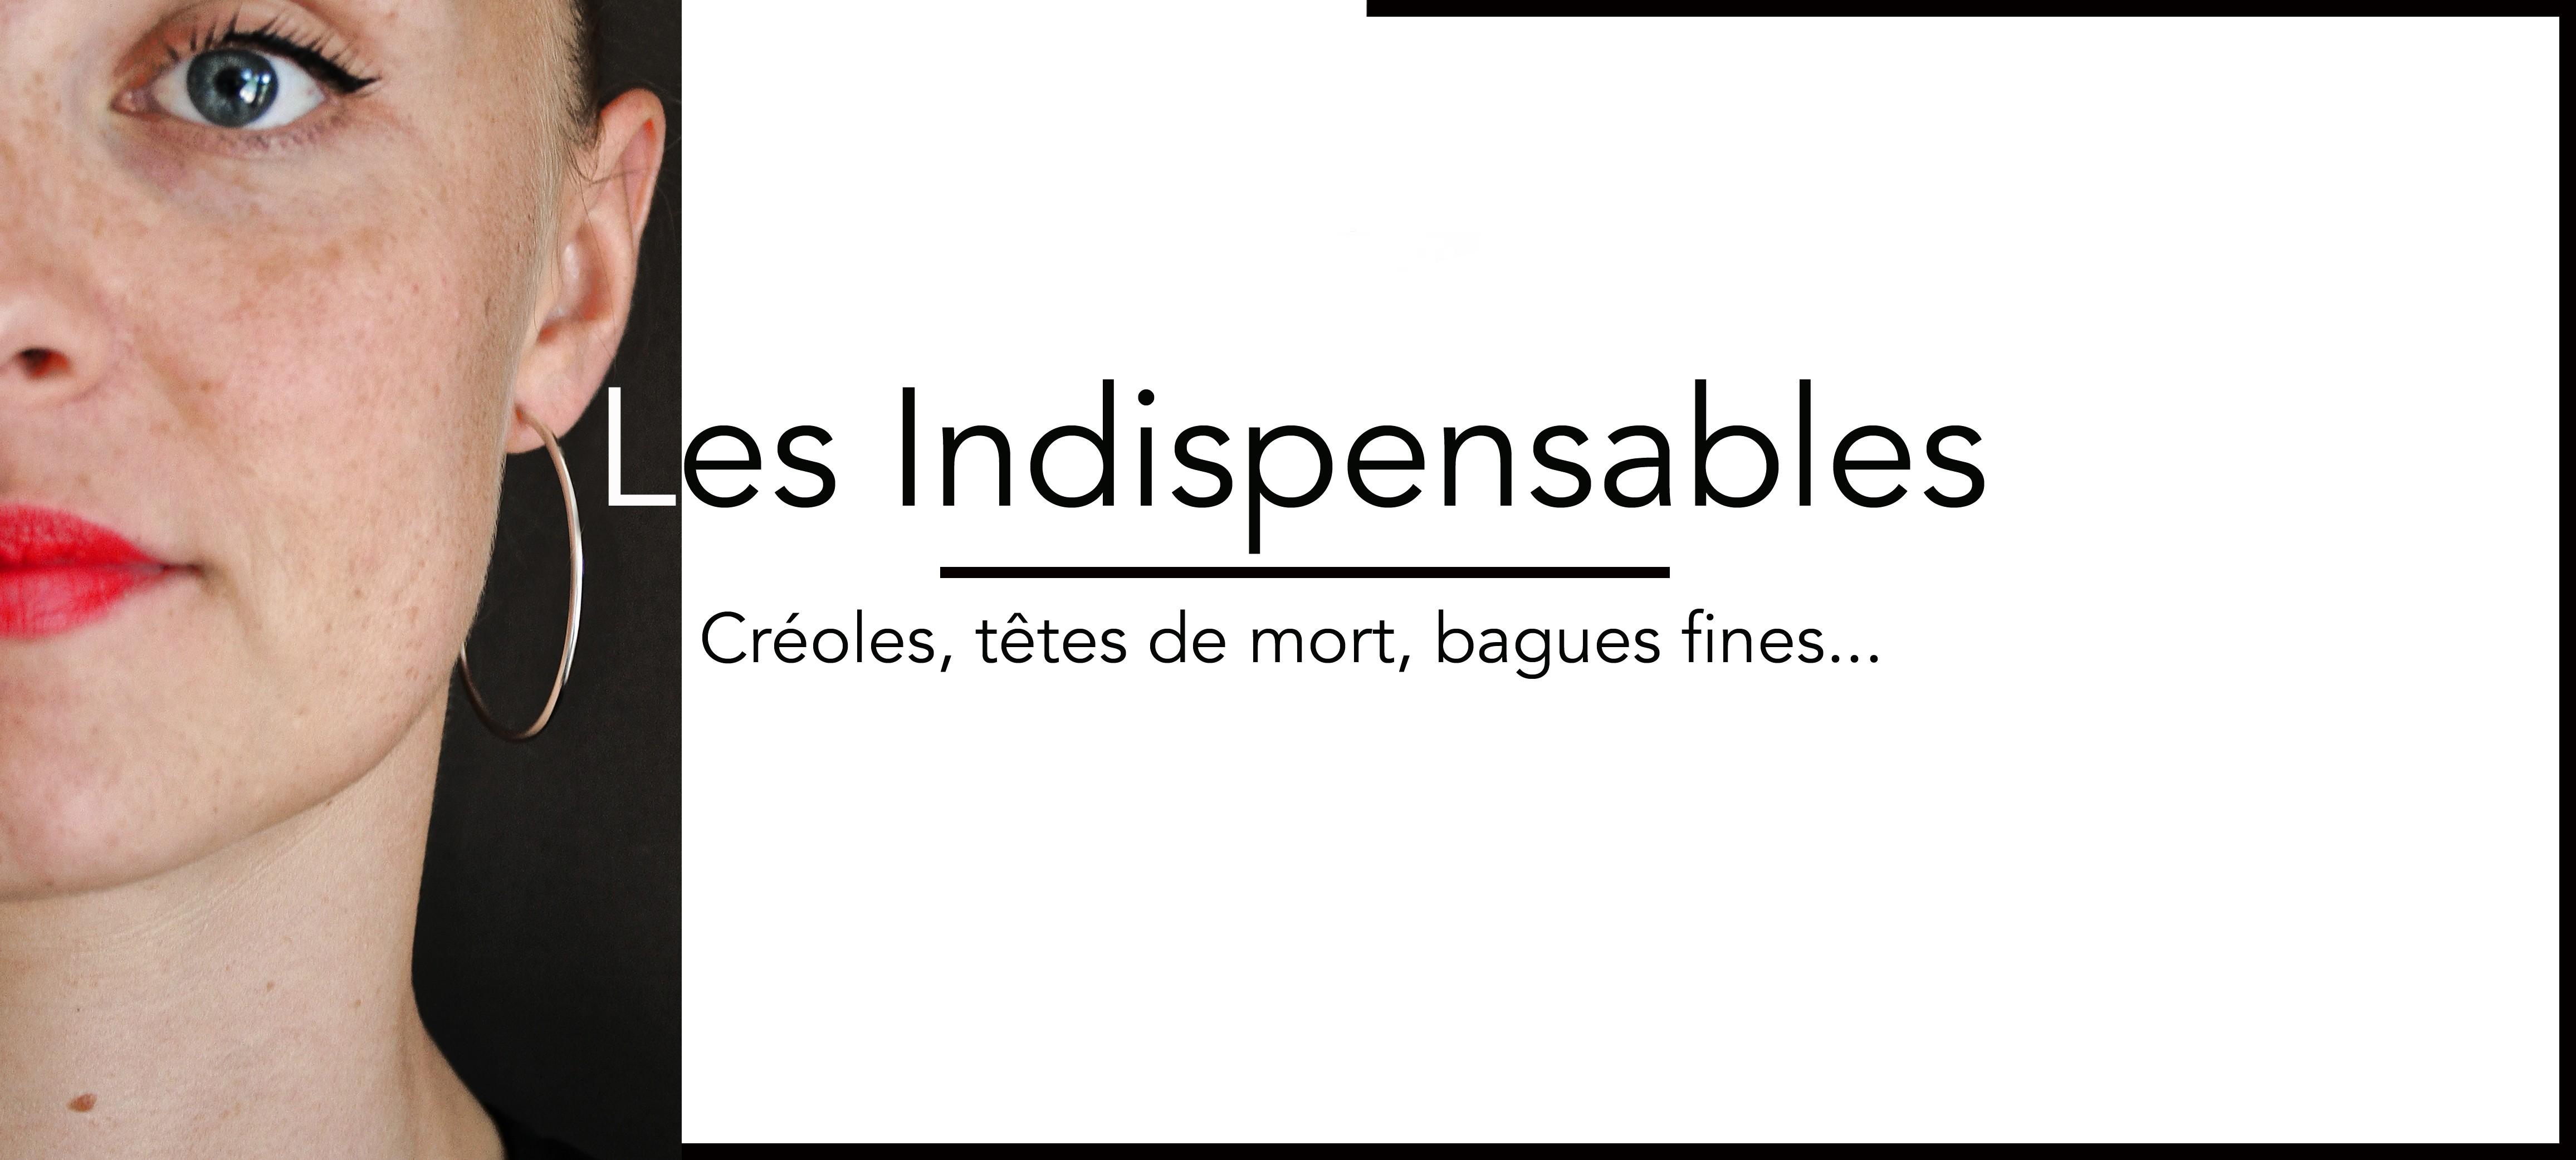 Les Indispensables (Créoles, bagues fines...)